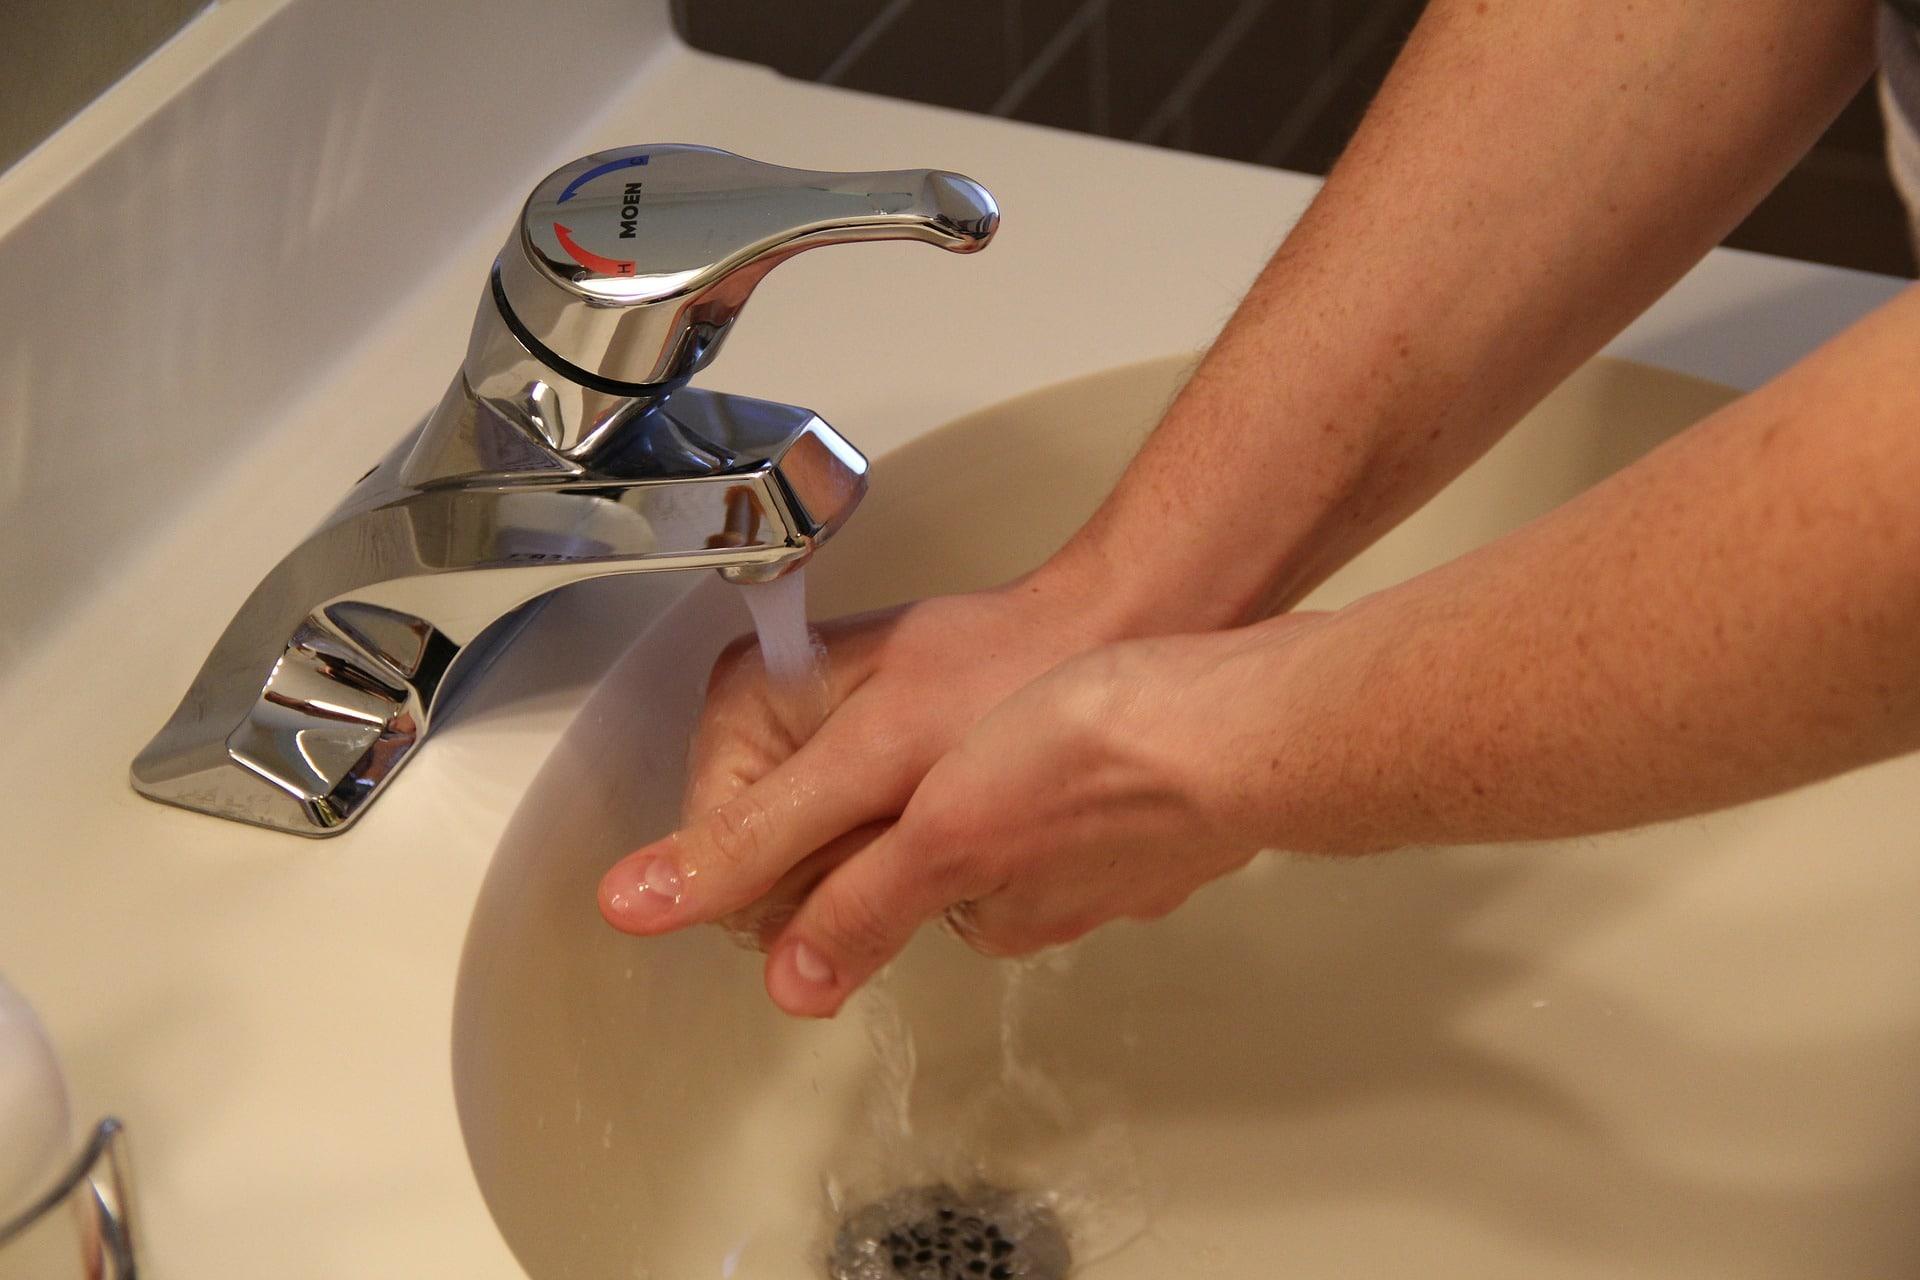 Taxa de higiene de mãos